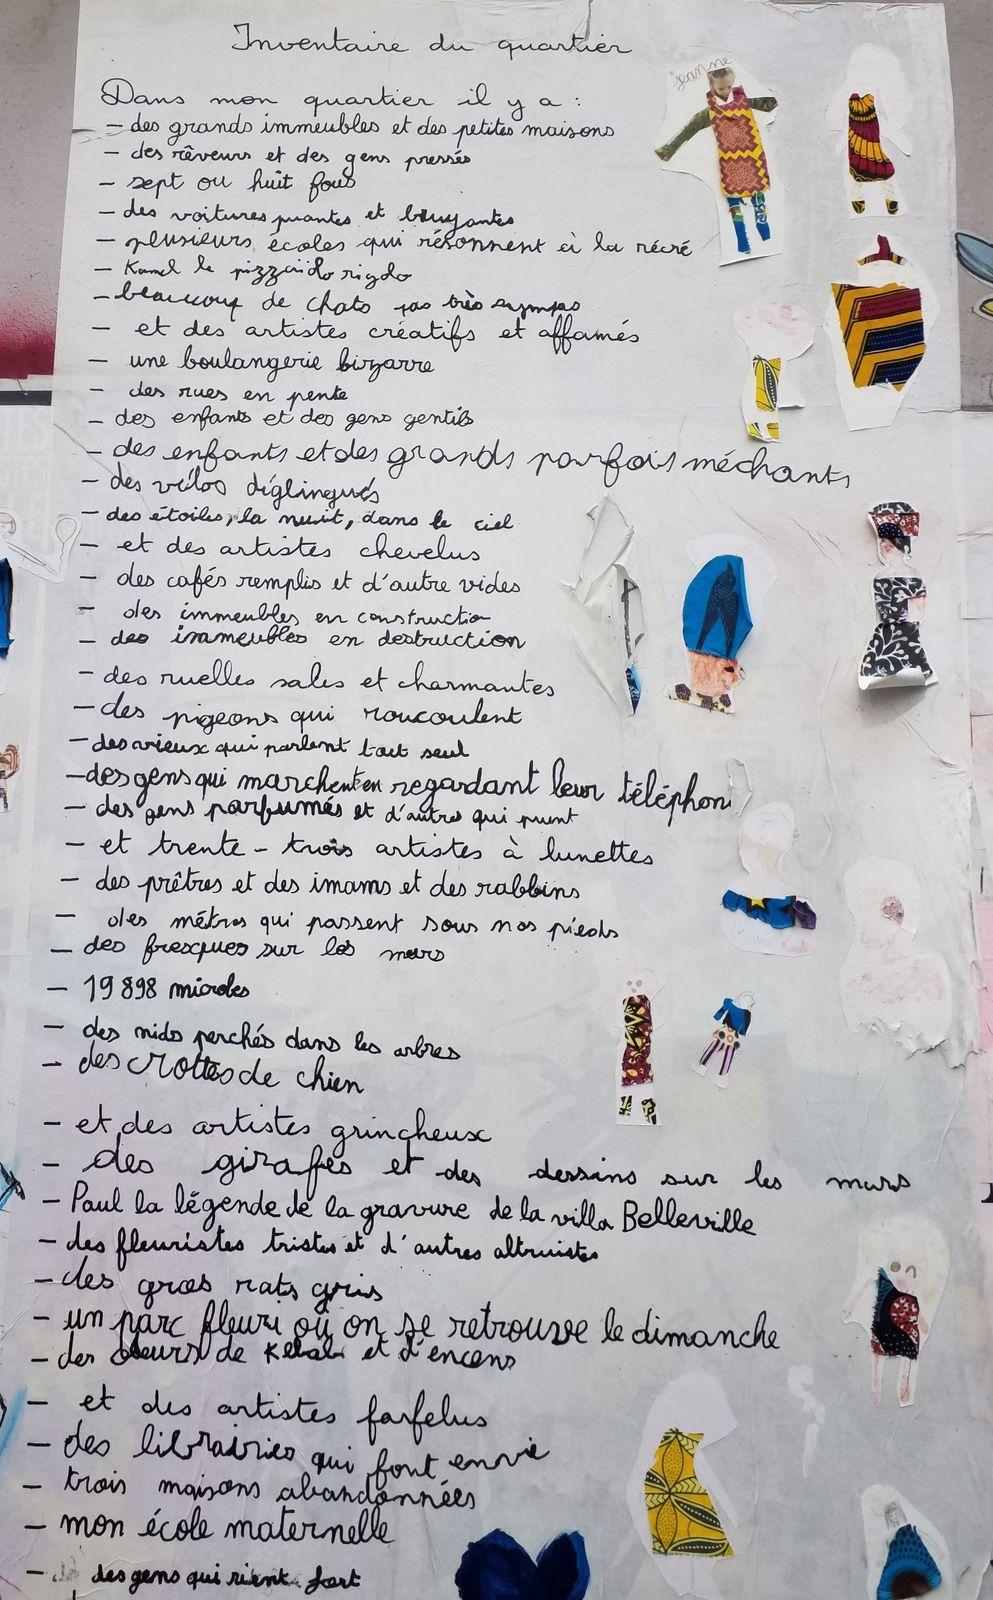 R  Picabia (2), r Rébéval,  r Rampal , r de Tourtille (5) (02/05/30)